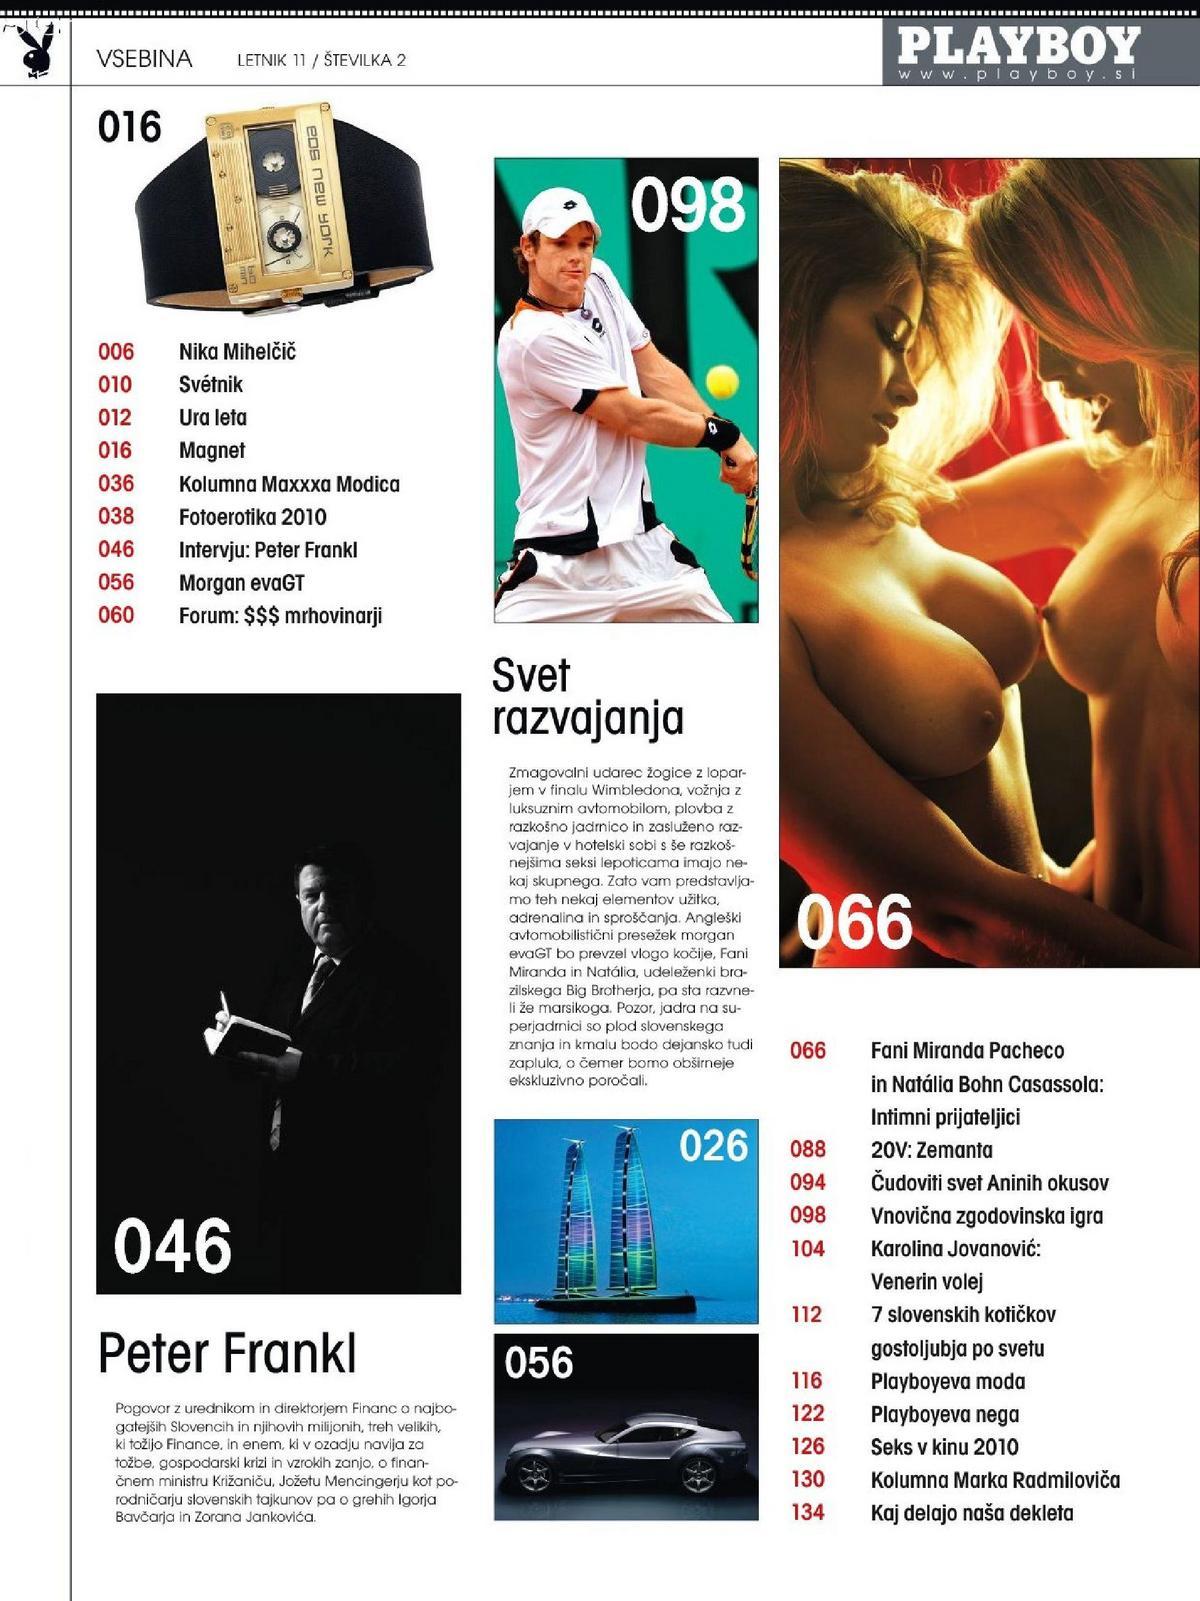 57873_Slovenia2011_023_123_599lo.jpg